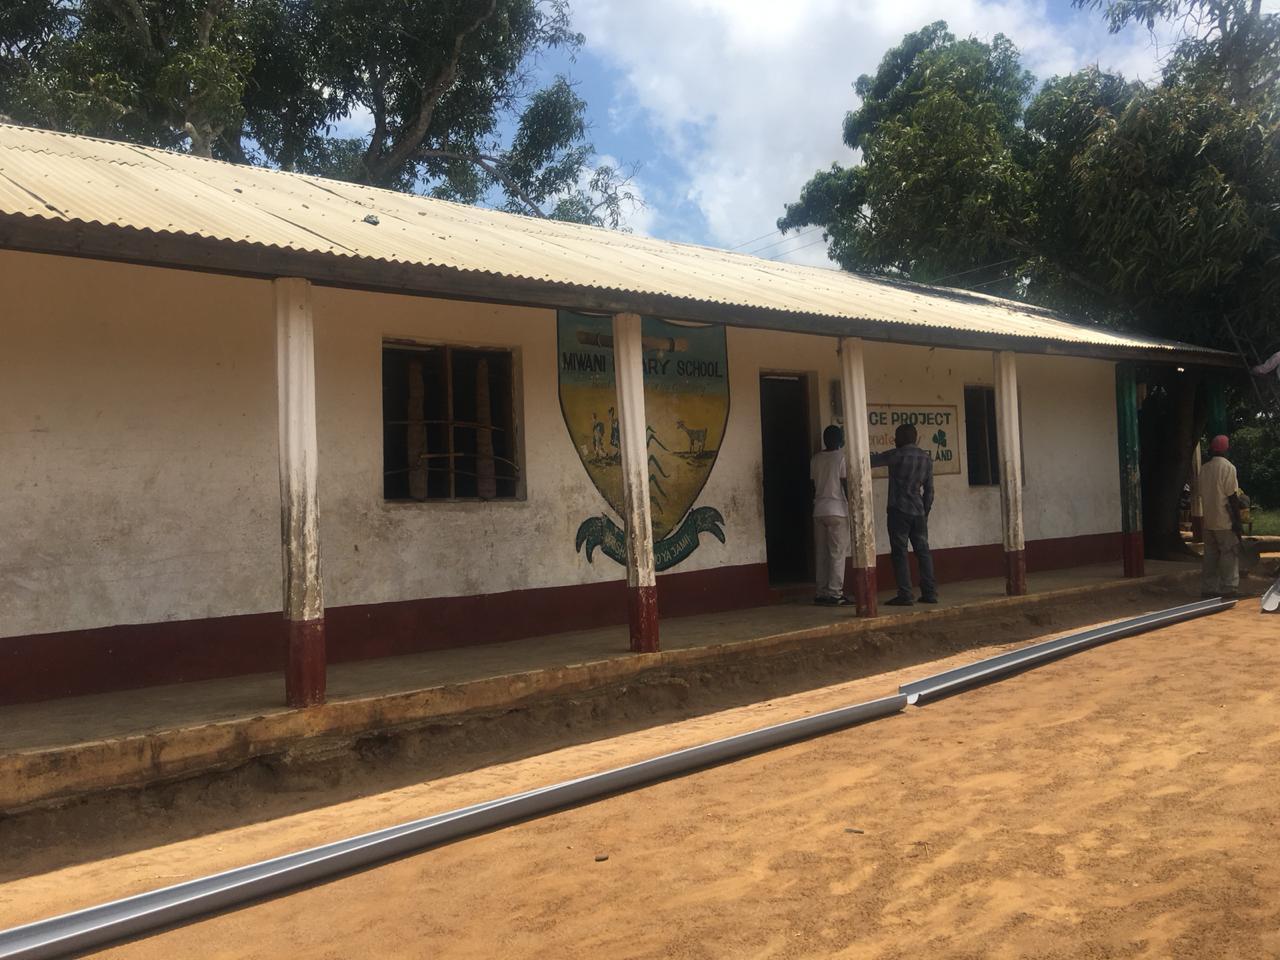 Die Wasserrinnen werden am Schulgebäude angebracht